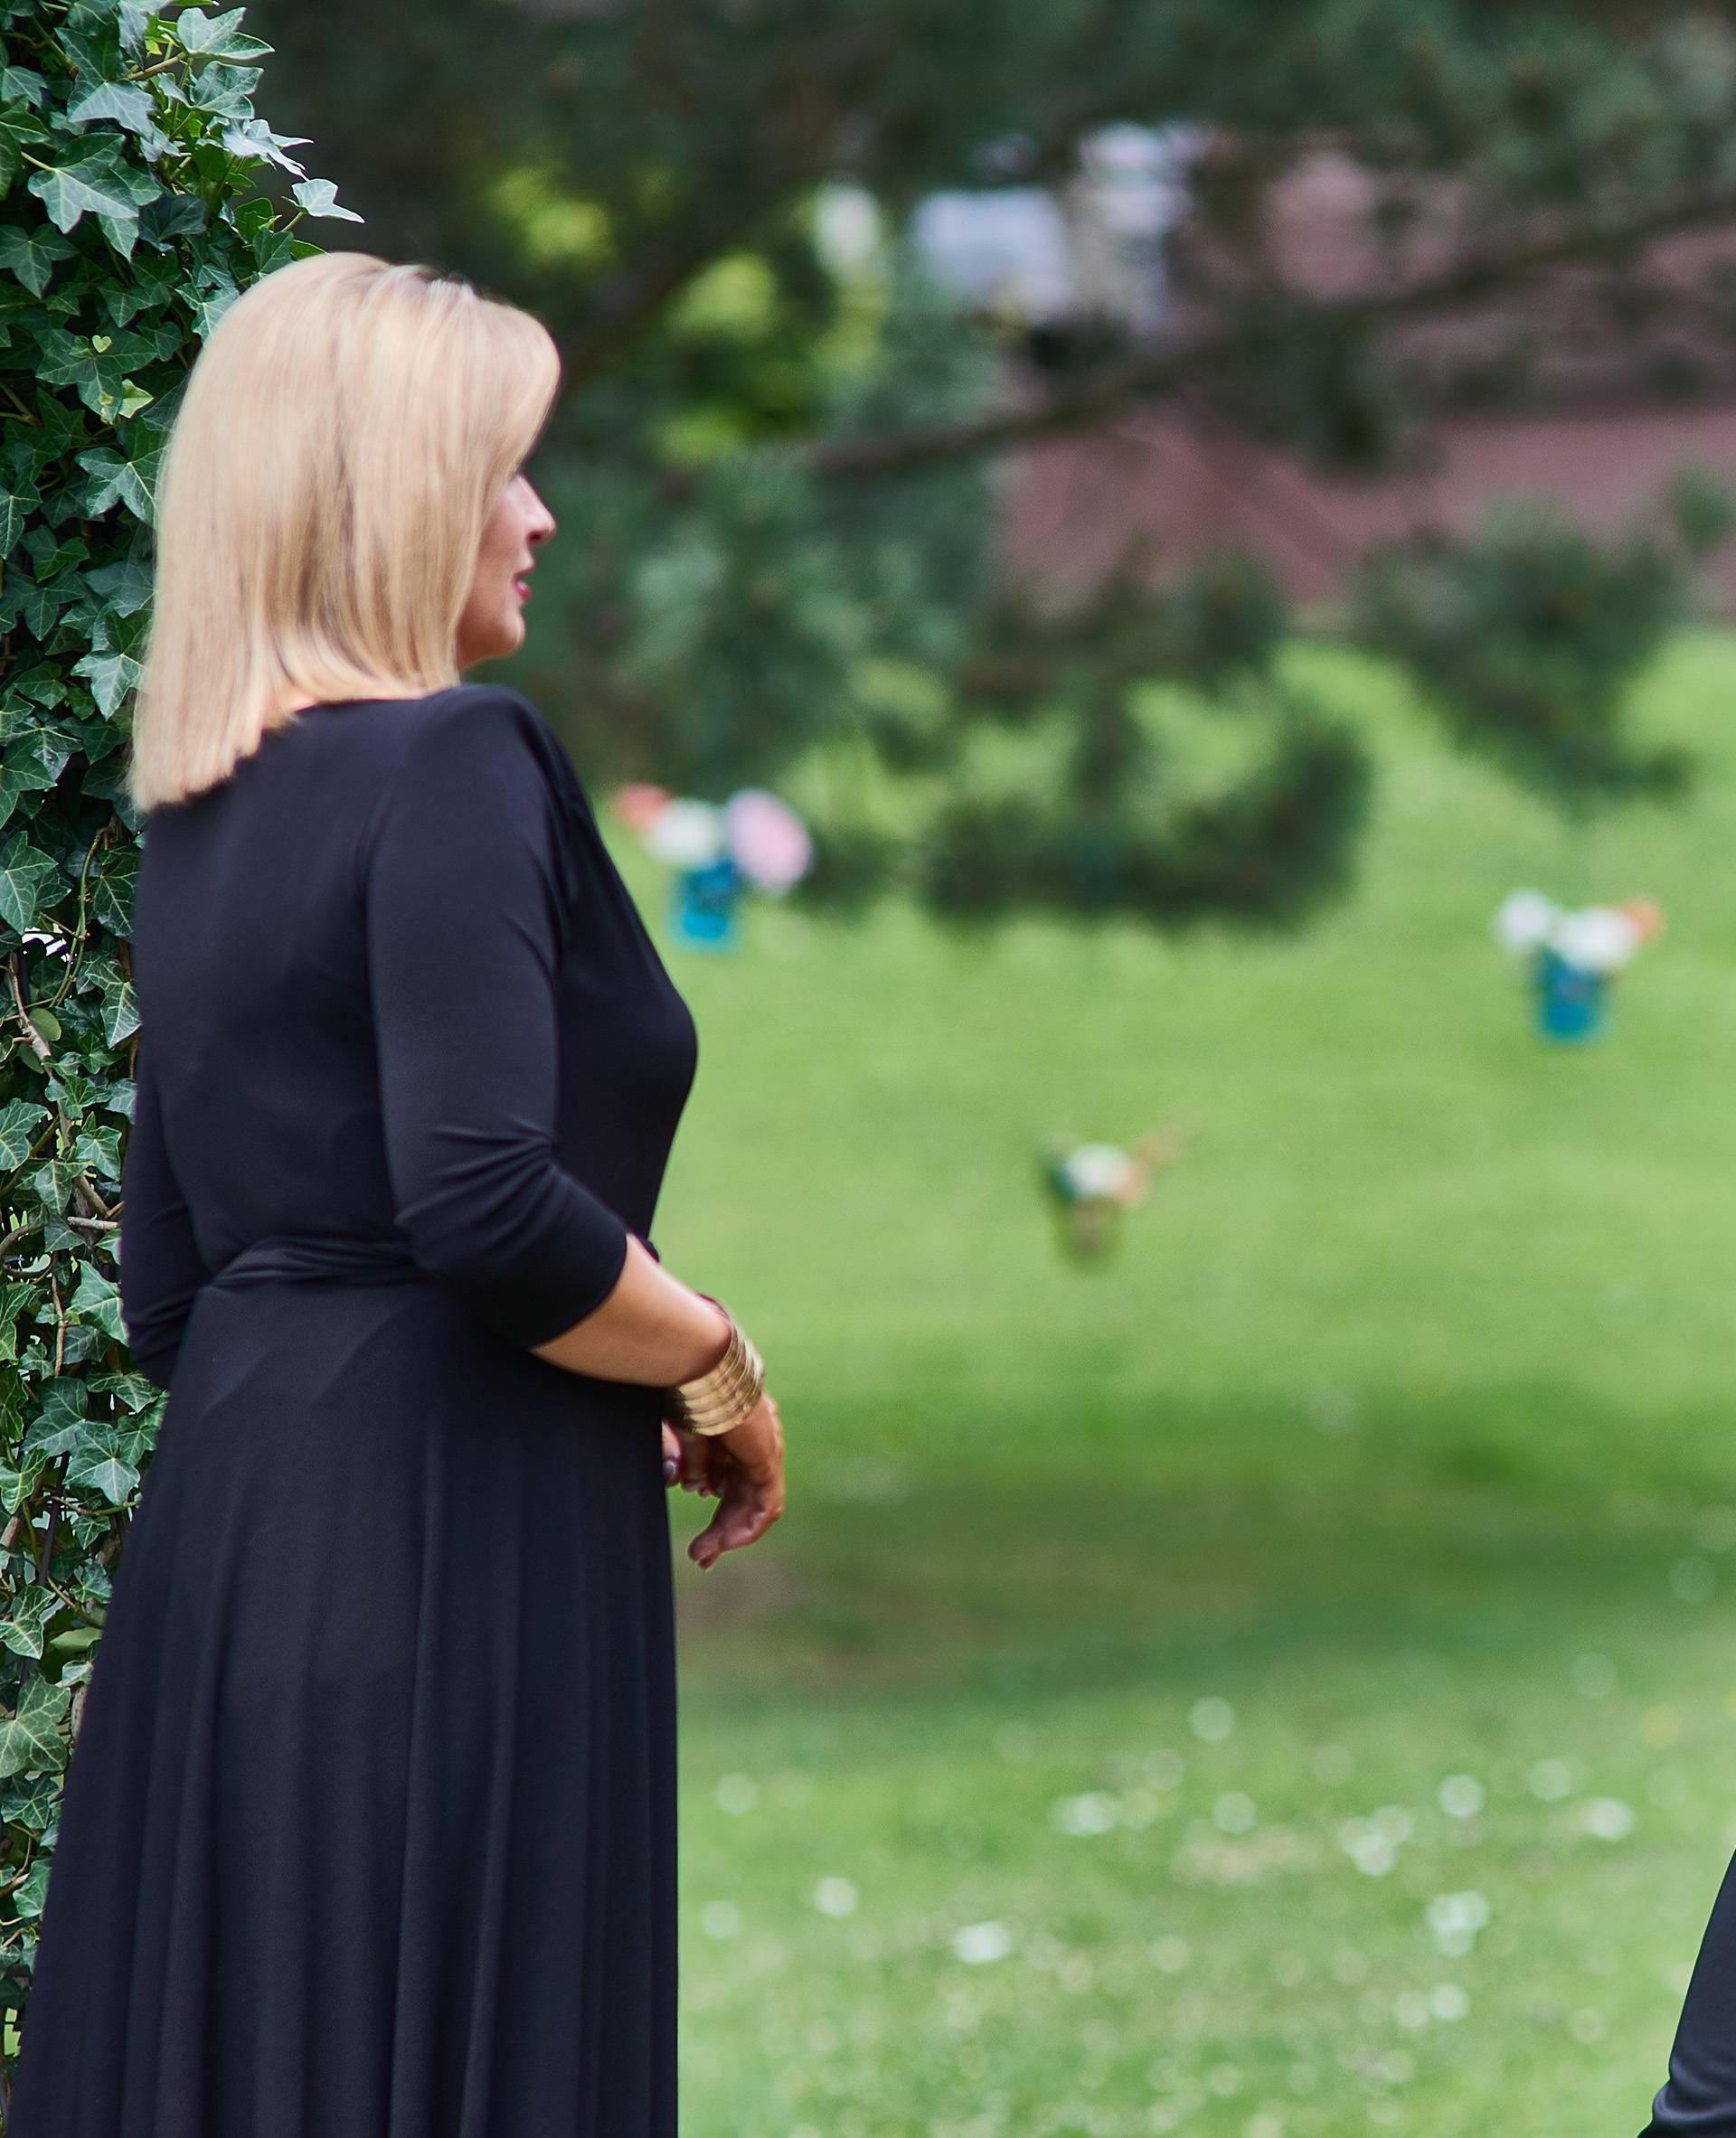 Ivan još uvijek nije siguran, a Josip odluku prepušta Natali